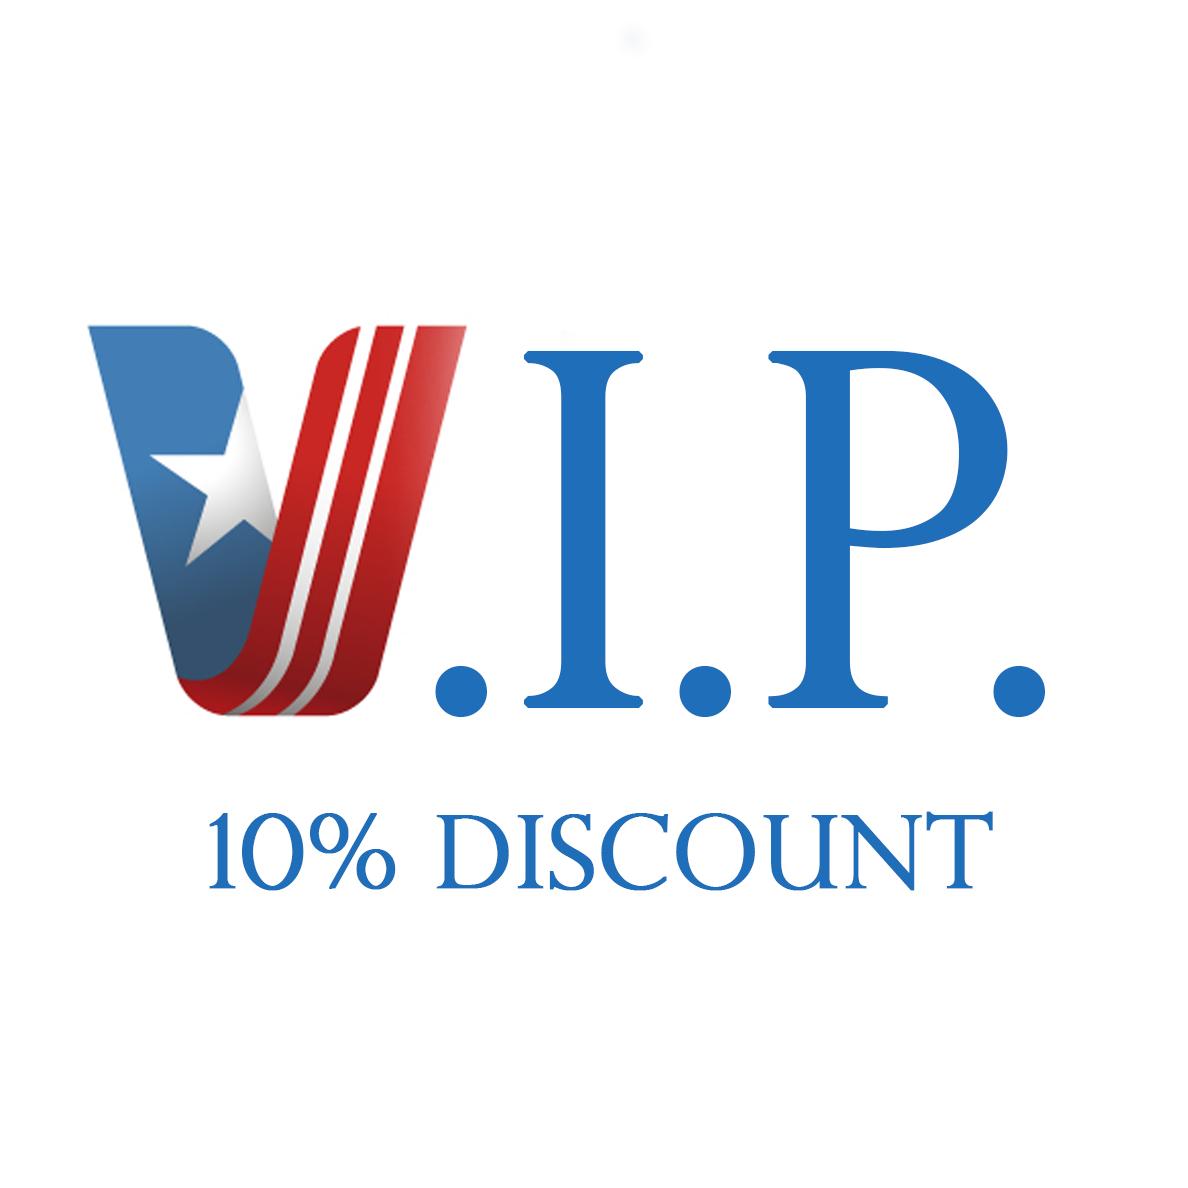 Iiba membership discount coupon